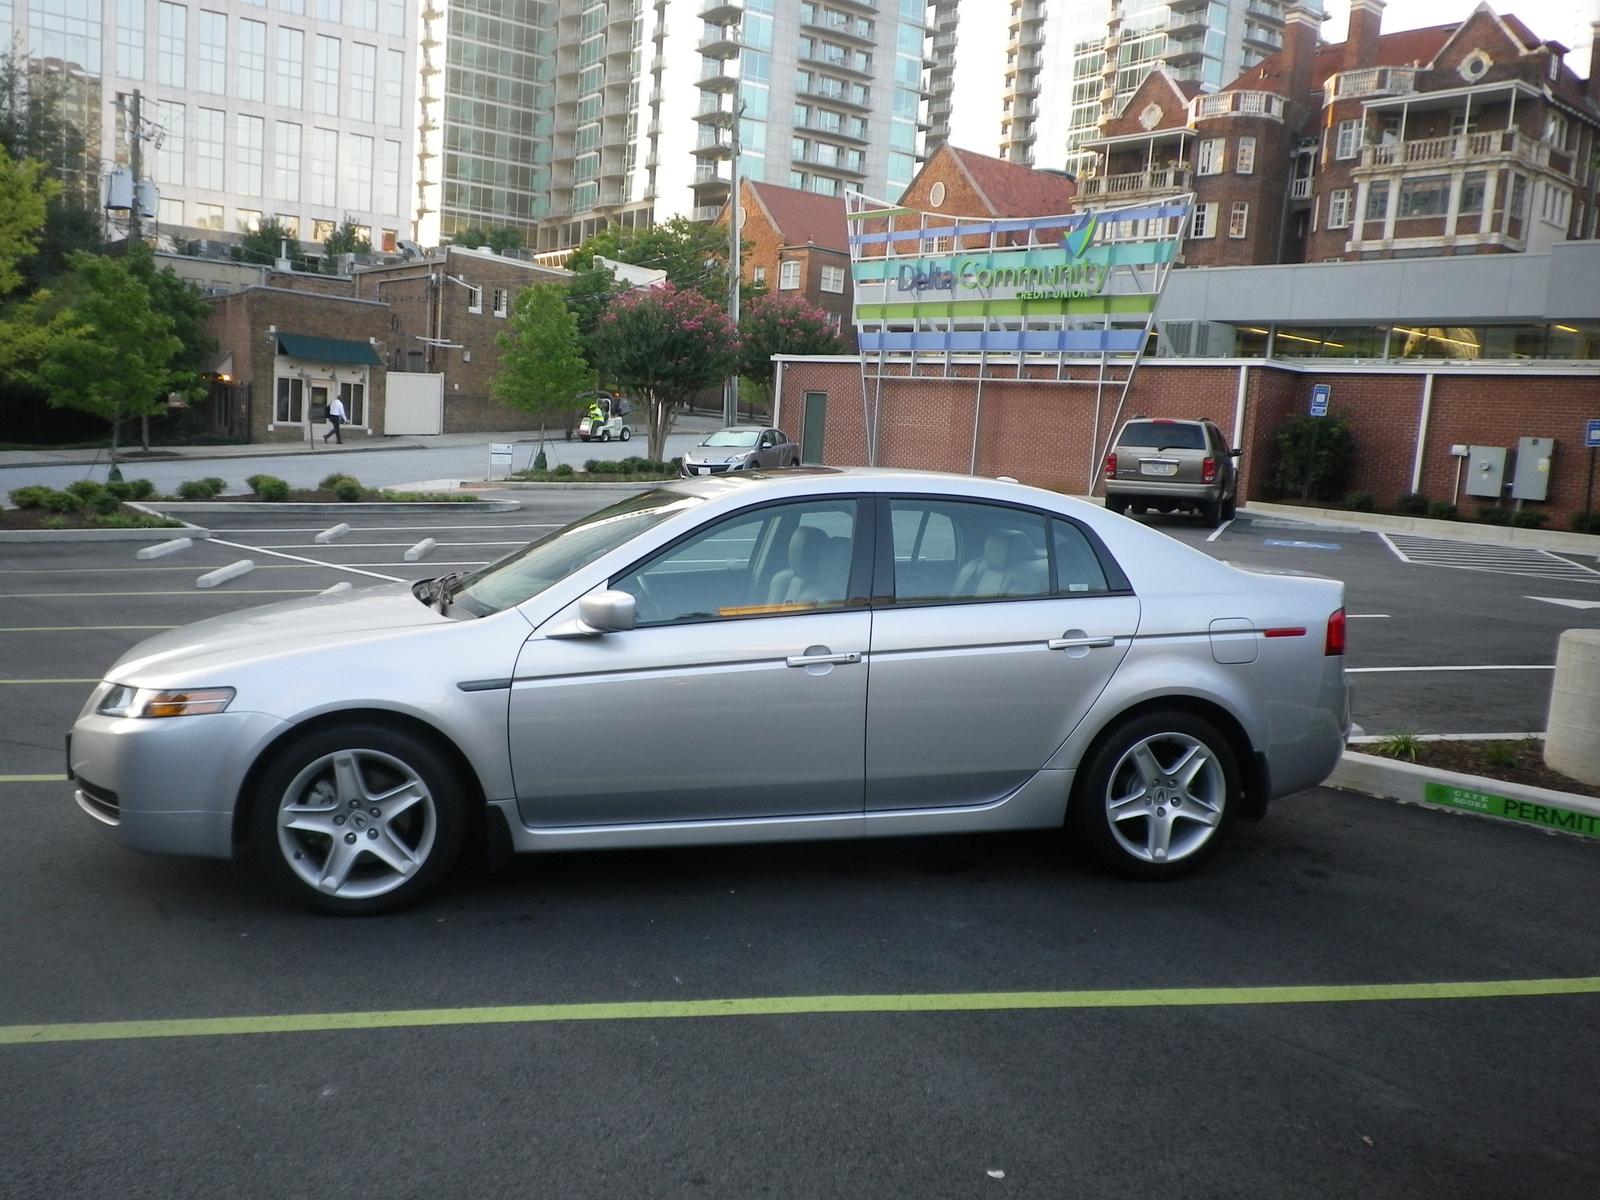 img cars tl ok loans for acura sale